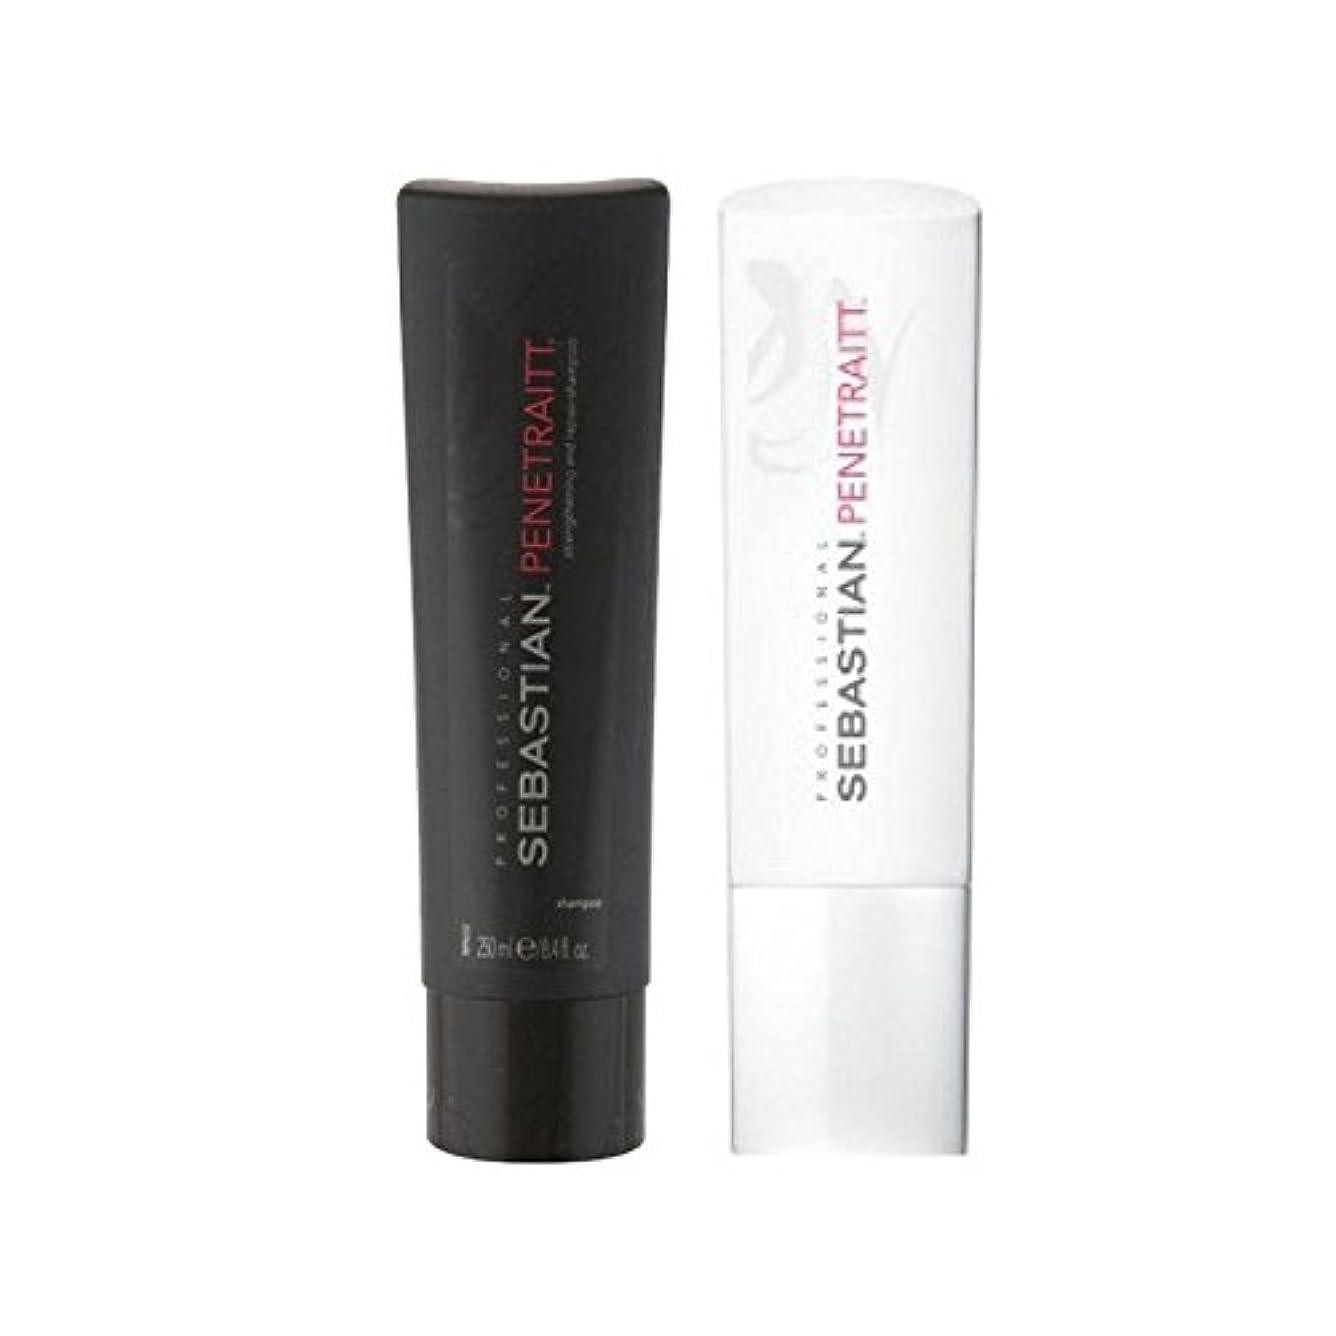 インゲン呼吸する不忠Sebastian Professional Penetraitt Duo - Shampoo & Conditioner (Pack of 6) - セバスチャンプロデュオ - シャンプー&コンディショナー x6 [並行輸入品]